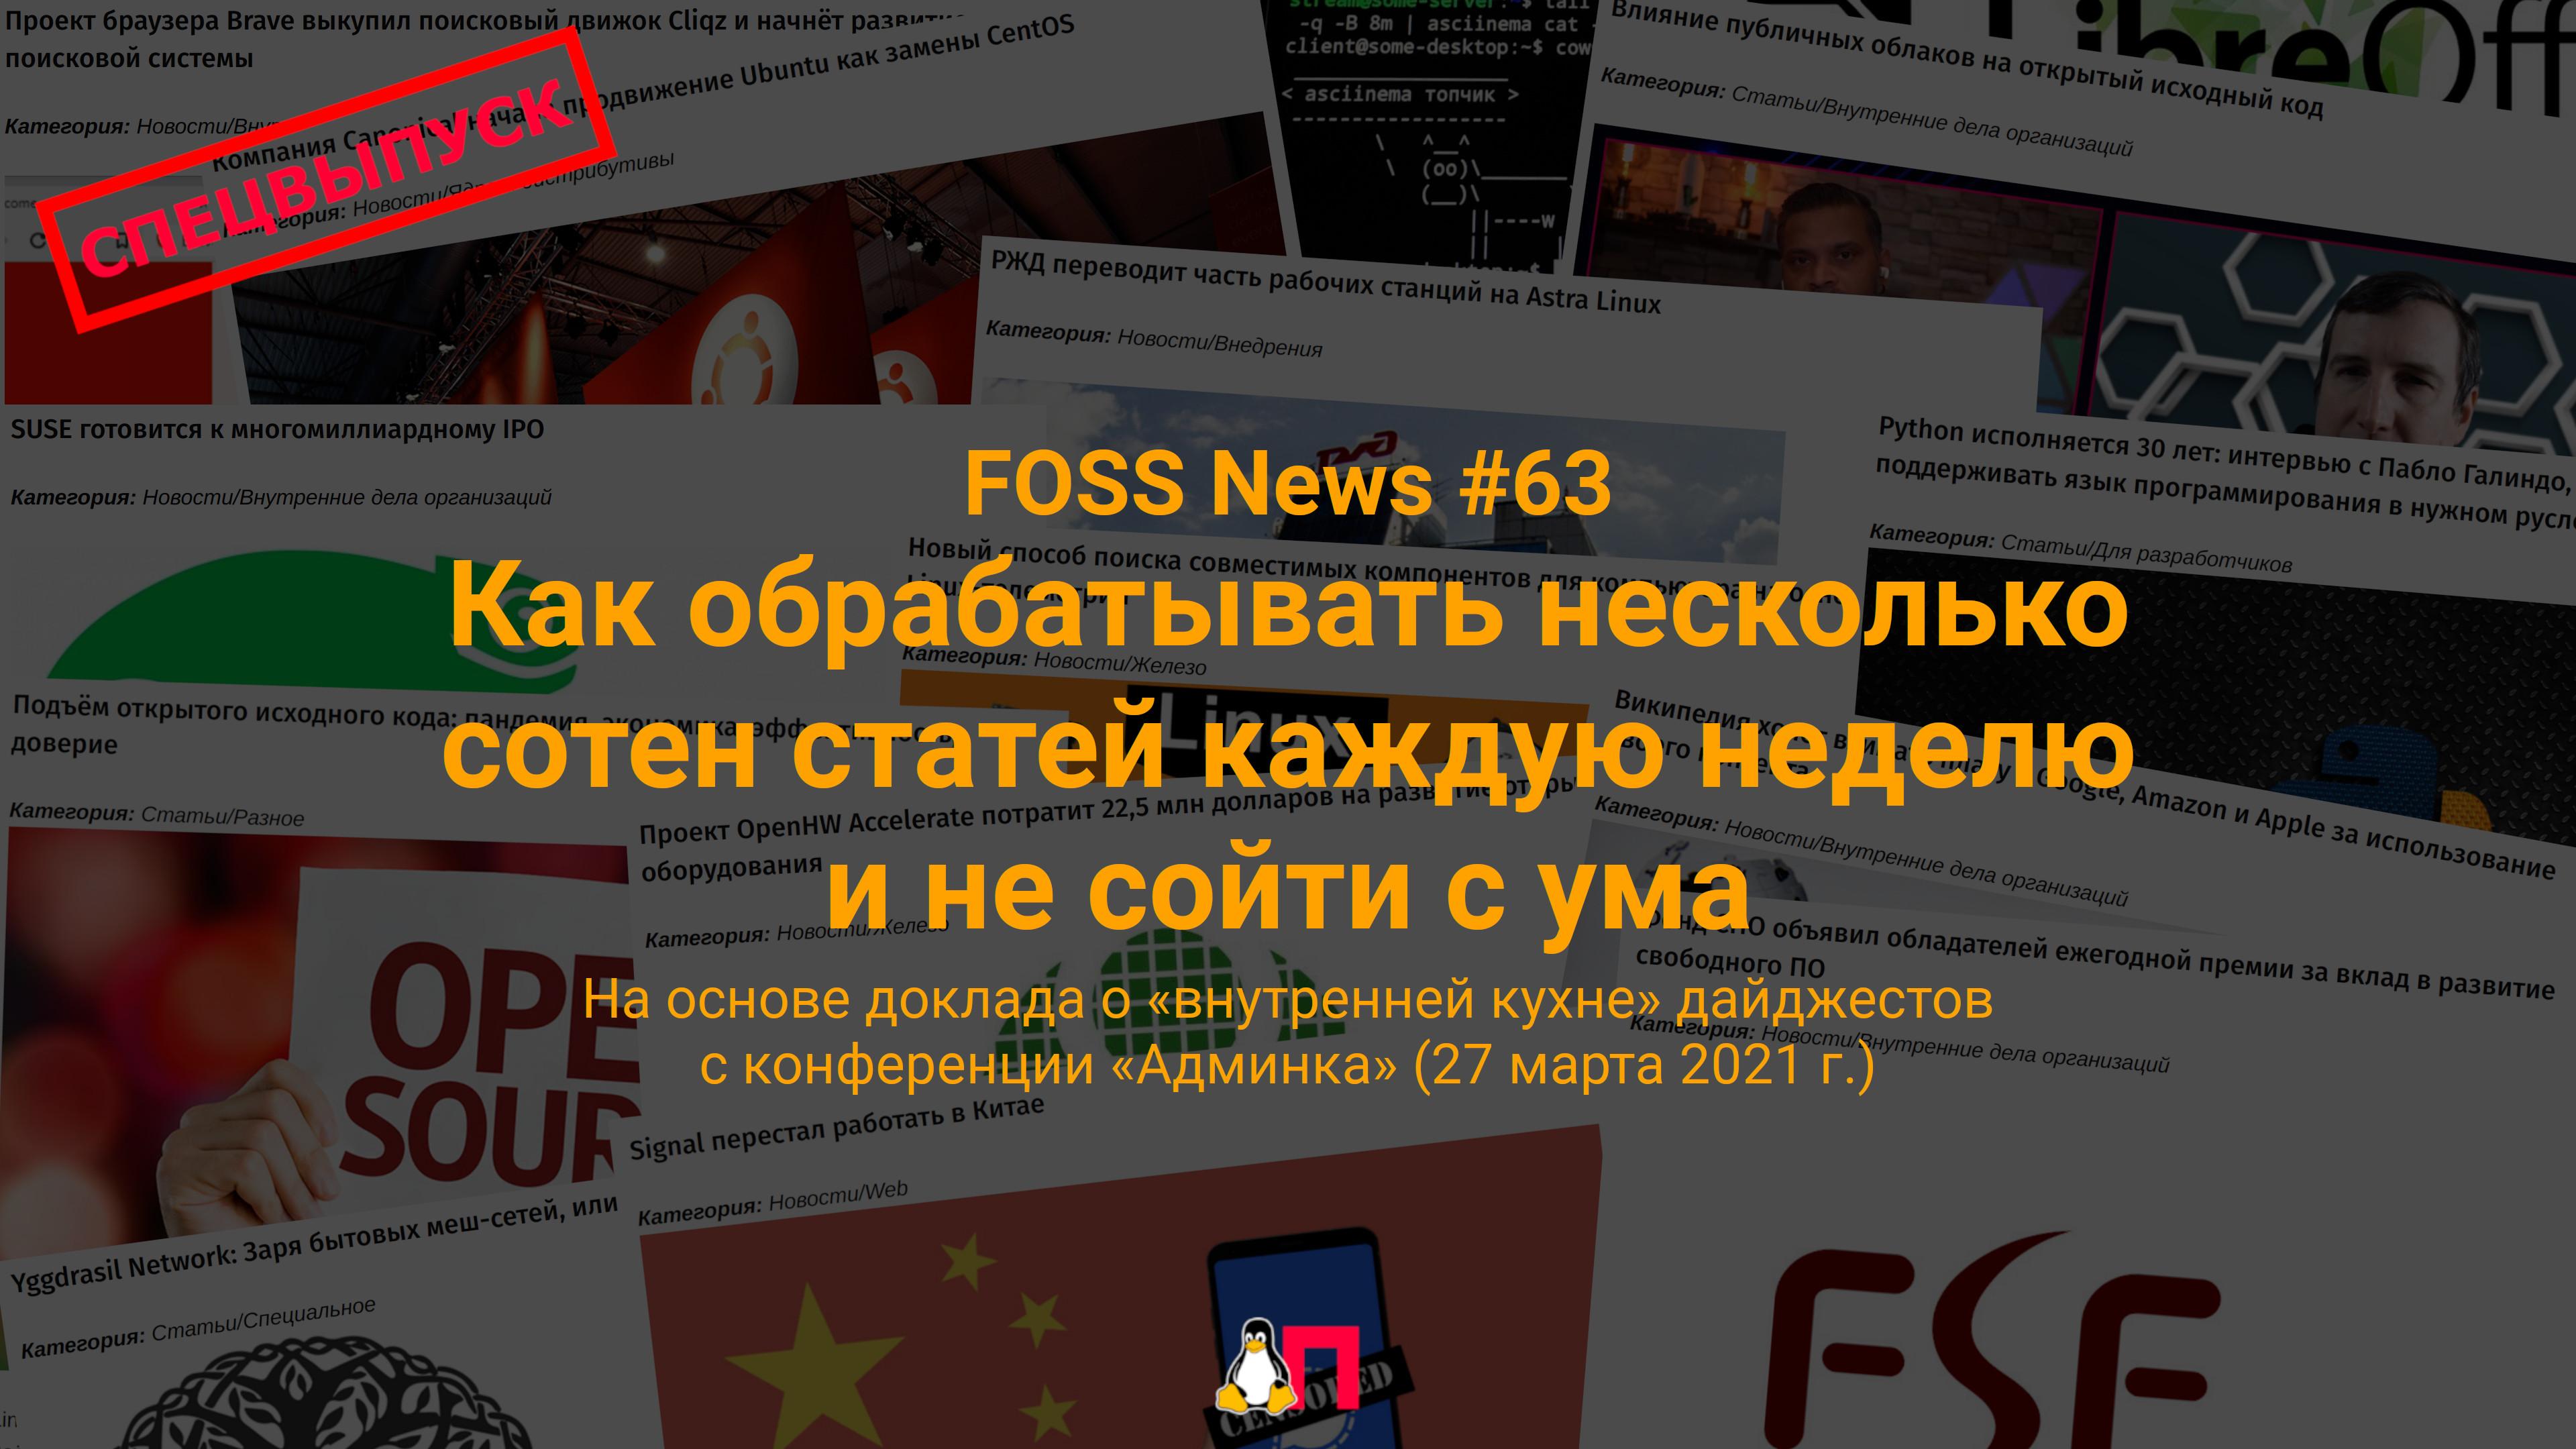 FOSS News 63  спецвыпуск о внутренней кухне дайджестов